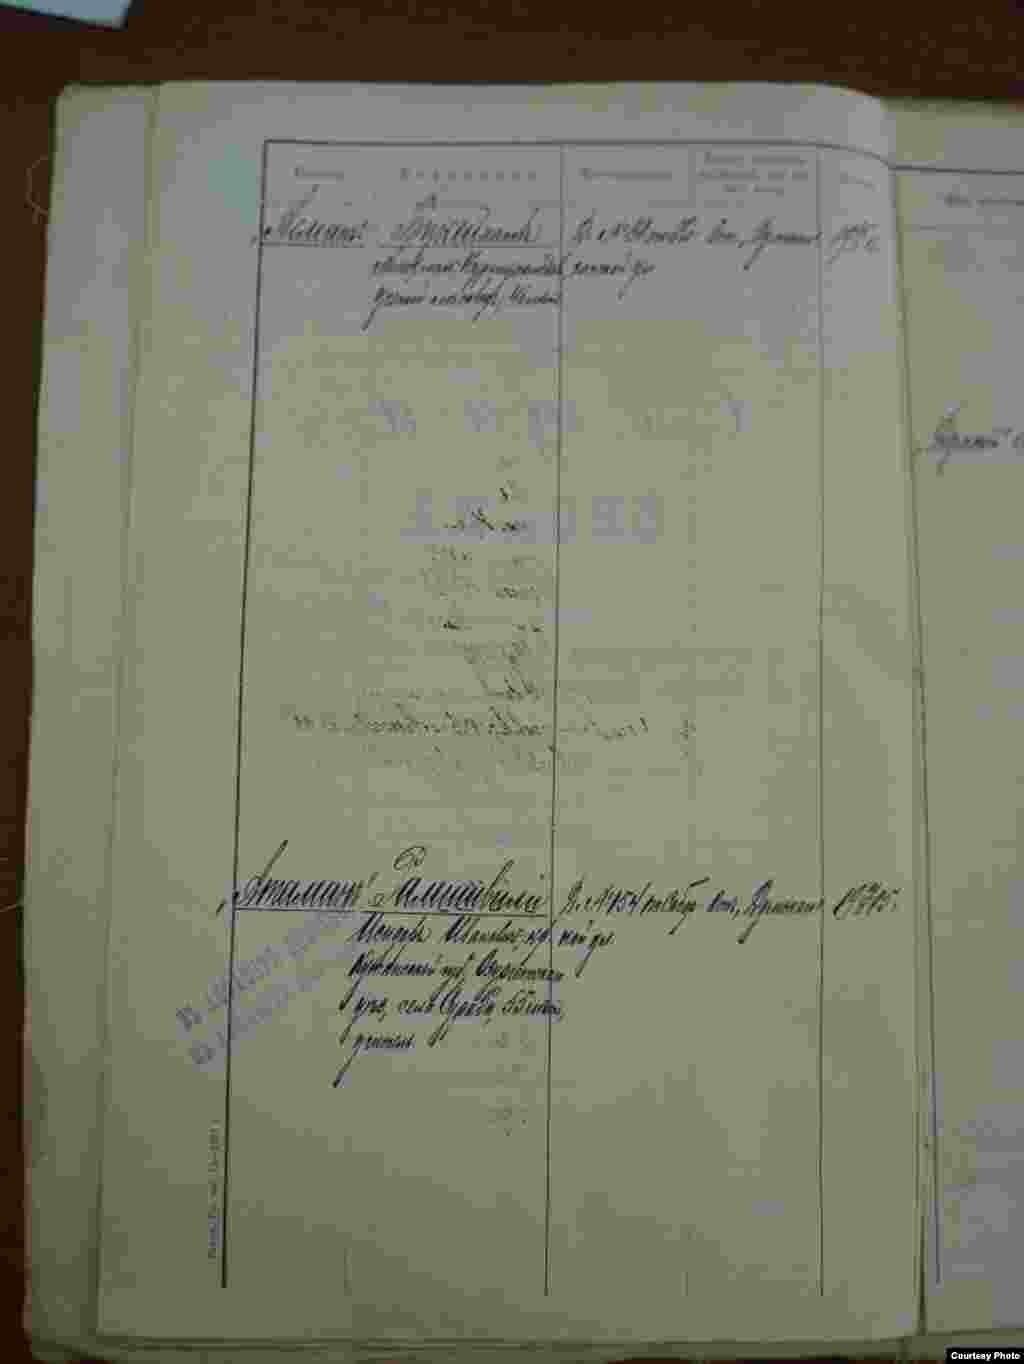 Страница из досье, собранного самарской жандармерией, на которой упоминается имя Алихана Букейханова.